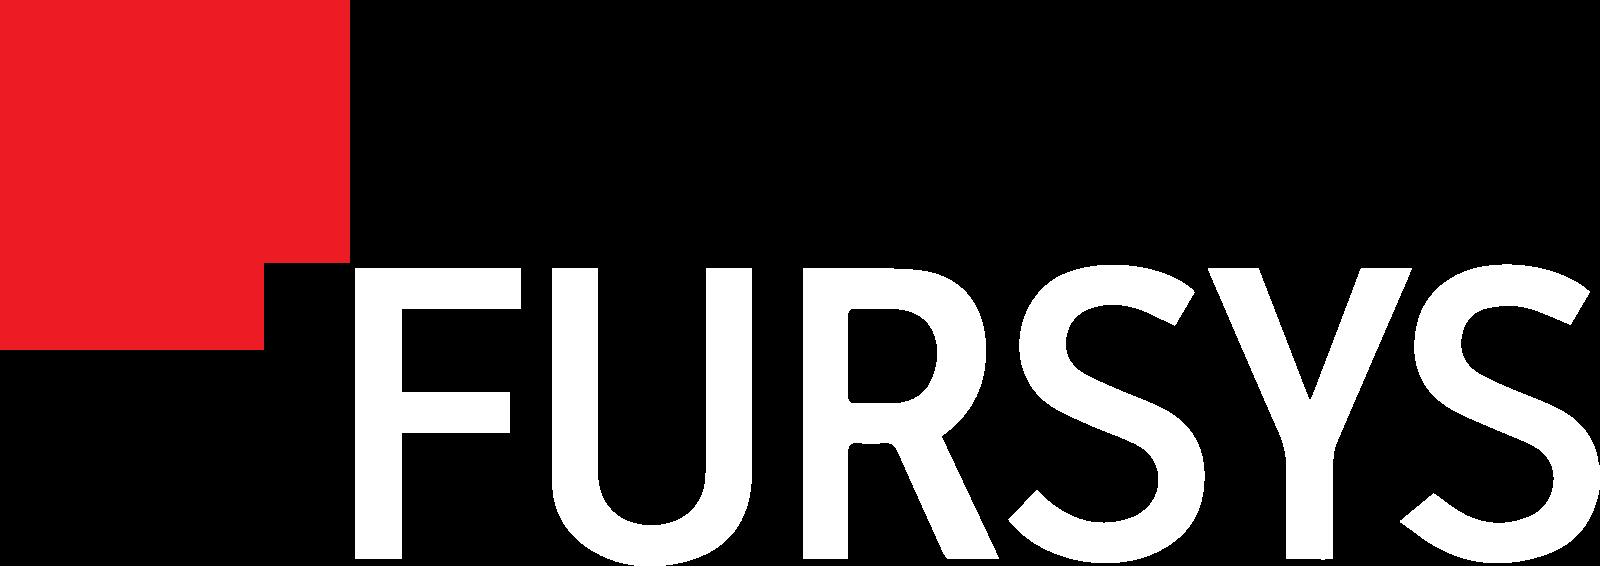 퍼시스 공식 컨설팅센터, 비전OC센터